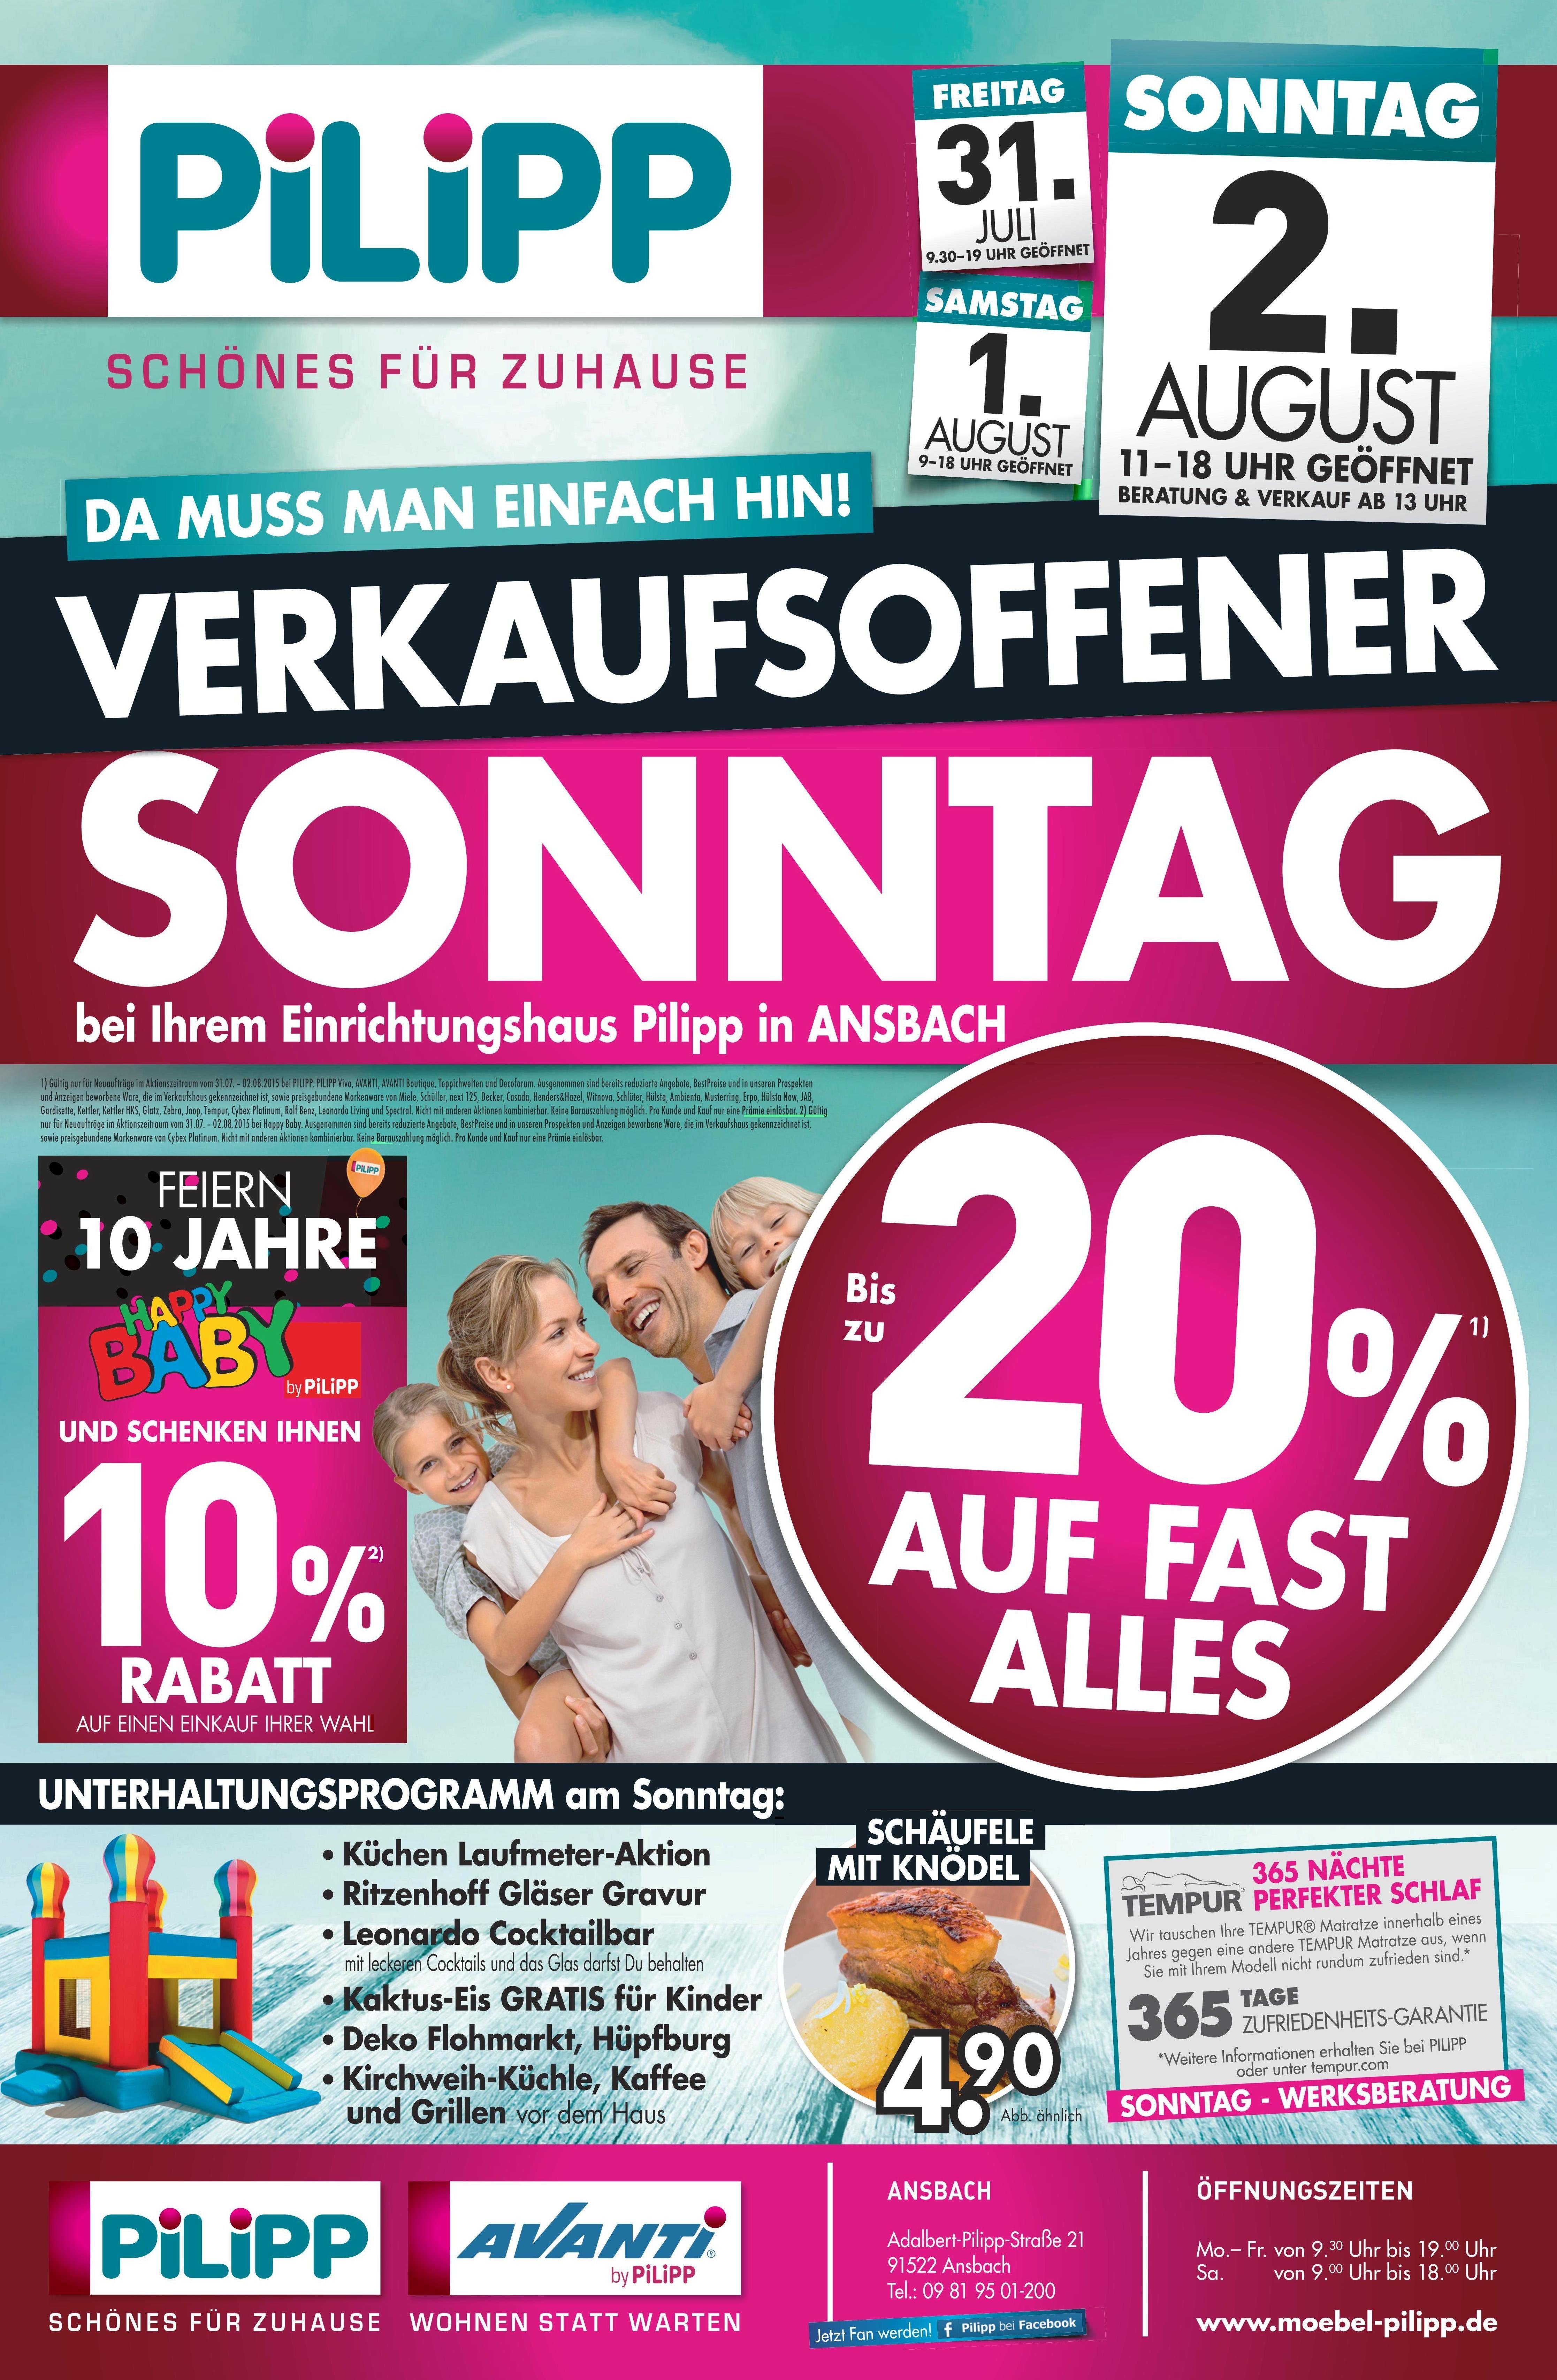 Verkaufsoffener Sonntag Bei Ihrem Einrichtungshaus Pilipp In Ansbach Verkaufsoffener Sonntag Gewinnspiel Feiern